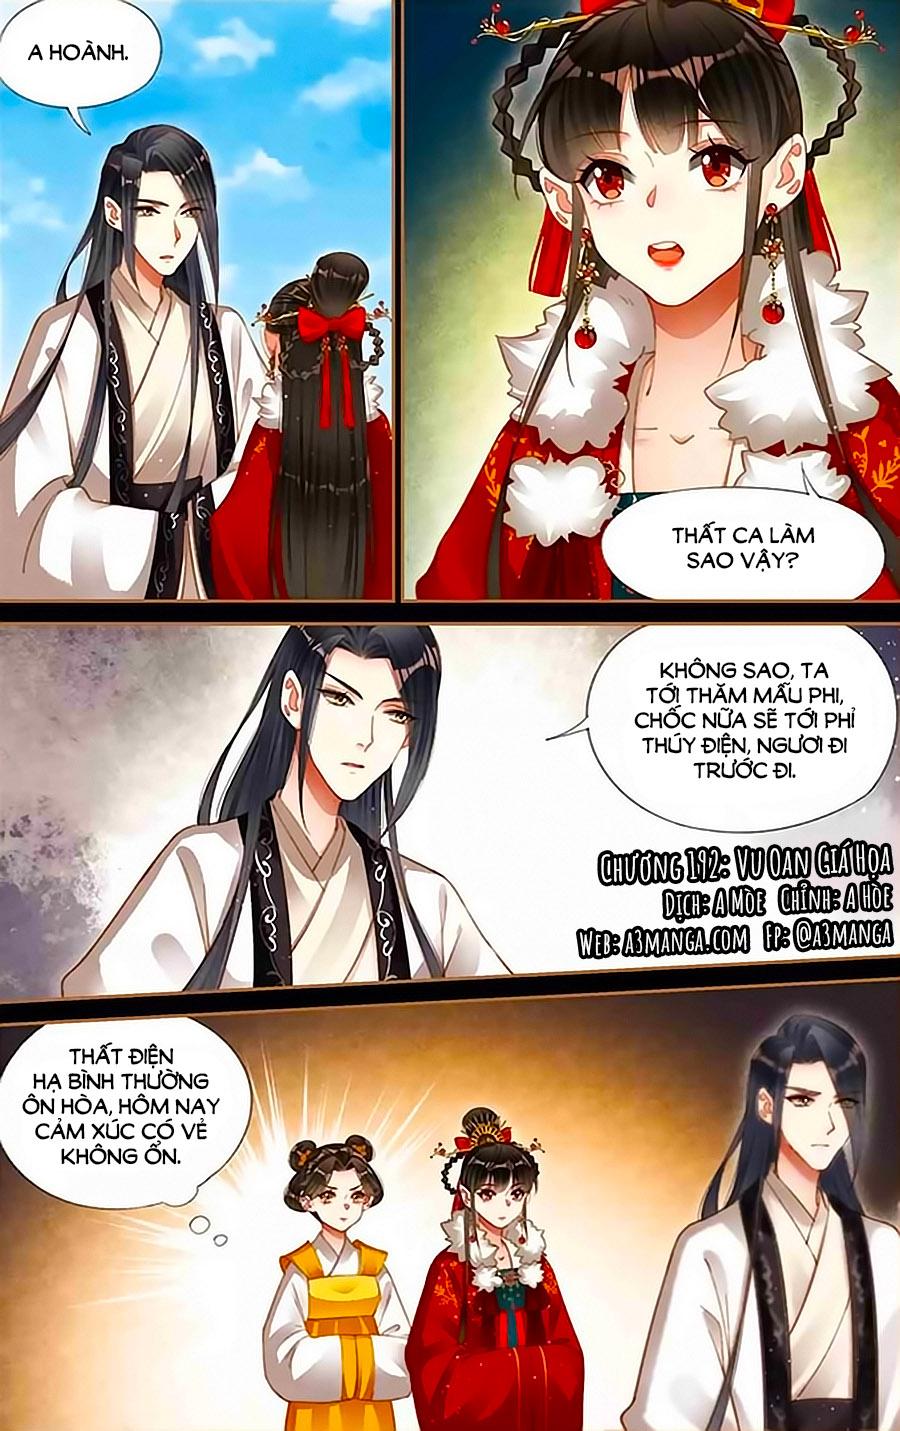 Thần Y Đích Nữ chap 192 - Trang 2